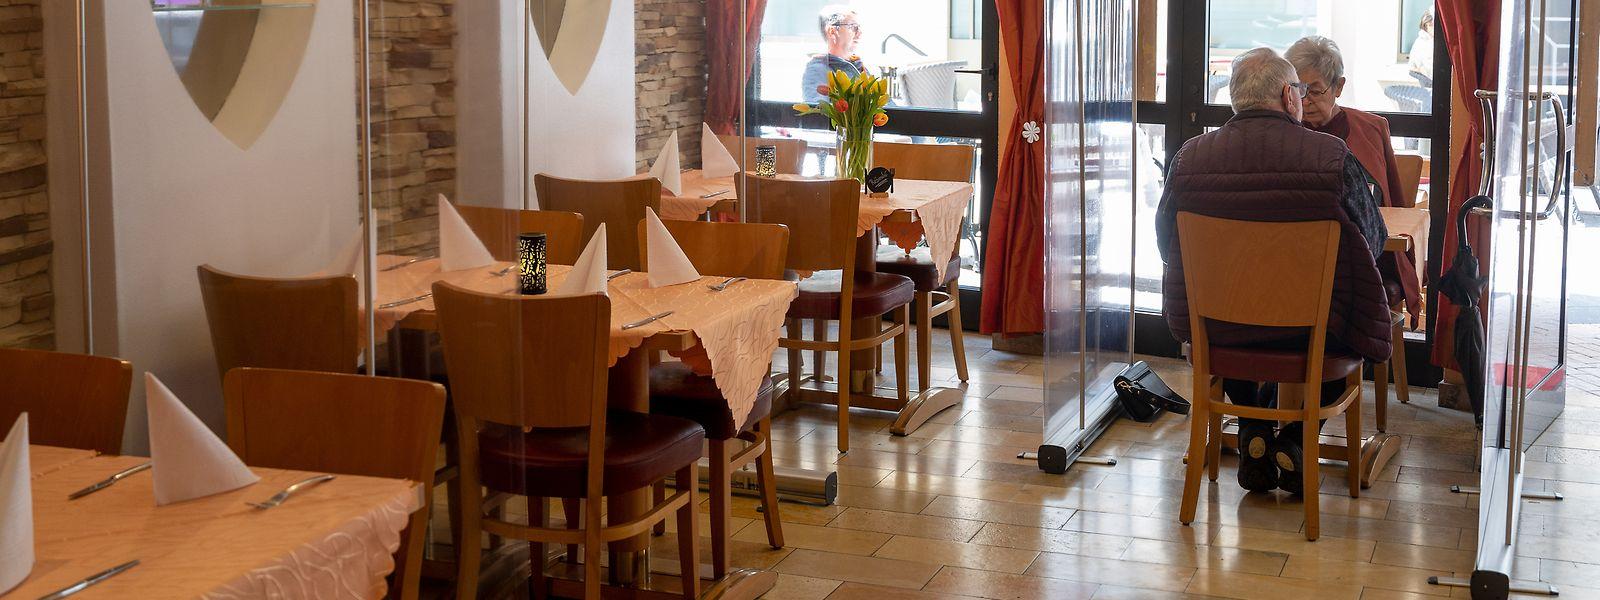 PCR ou rapide, les clients doivent présenter un test négatif à leur entrée dans le restaurant.